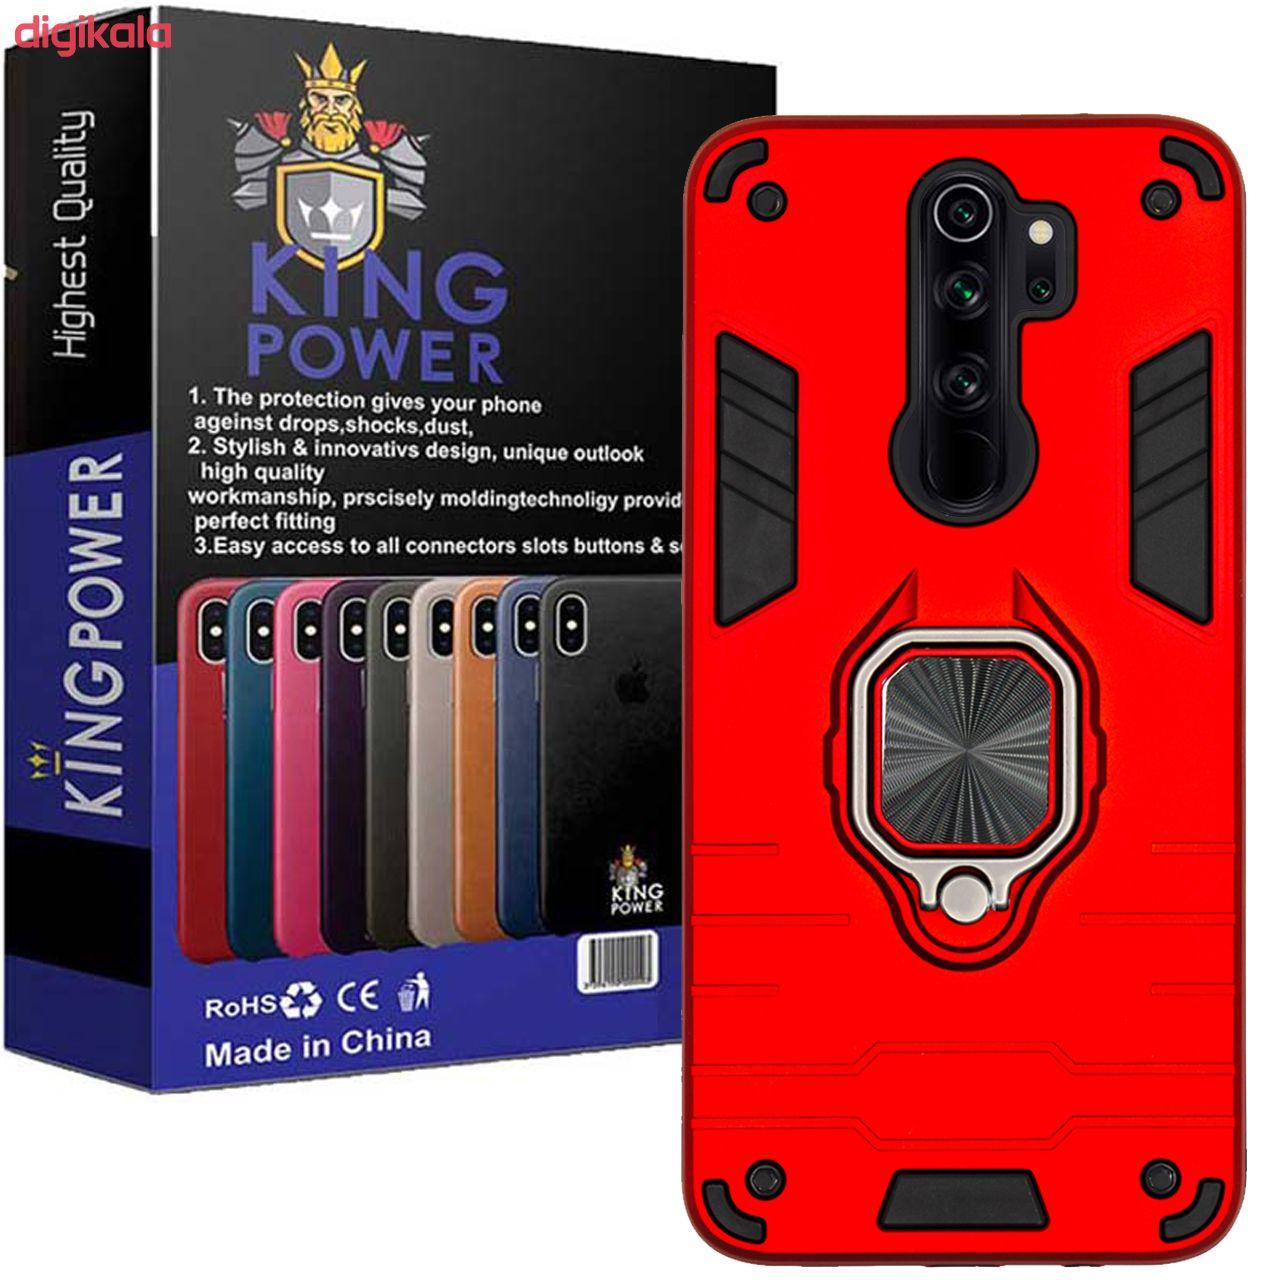 کاور کینگ پاور مدل ASH22 مناسب برای گوشی موبایل شیائومی Redmi Note 8 Pro main 1 2